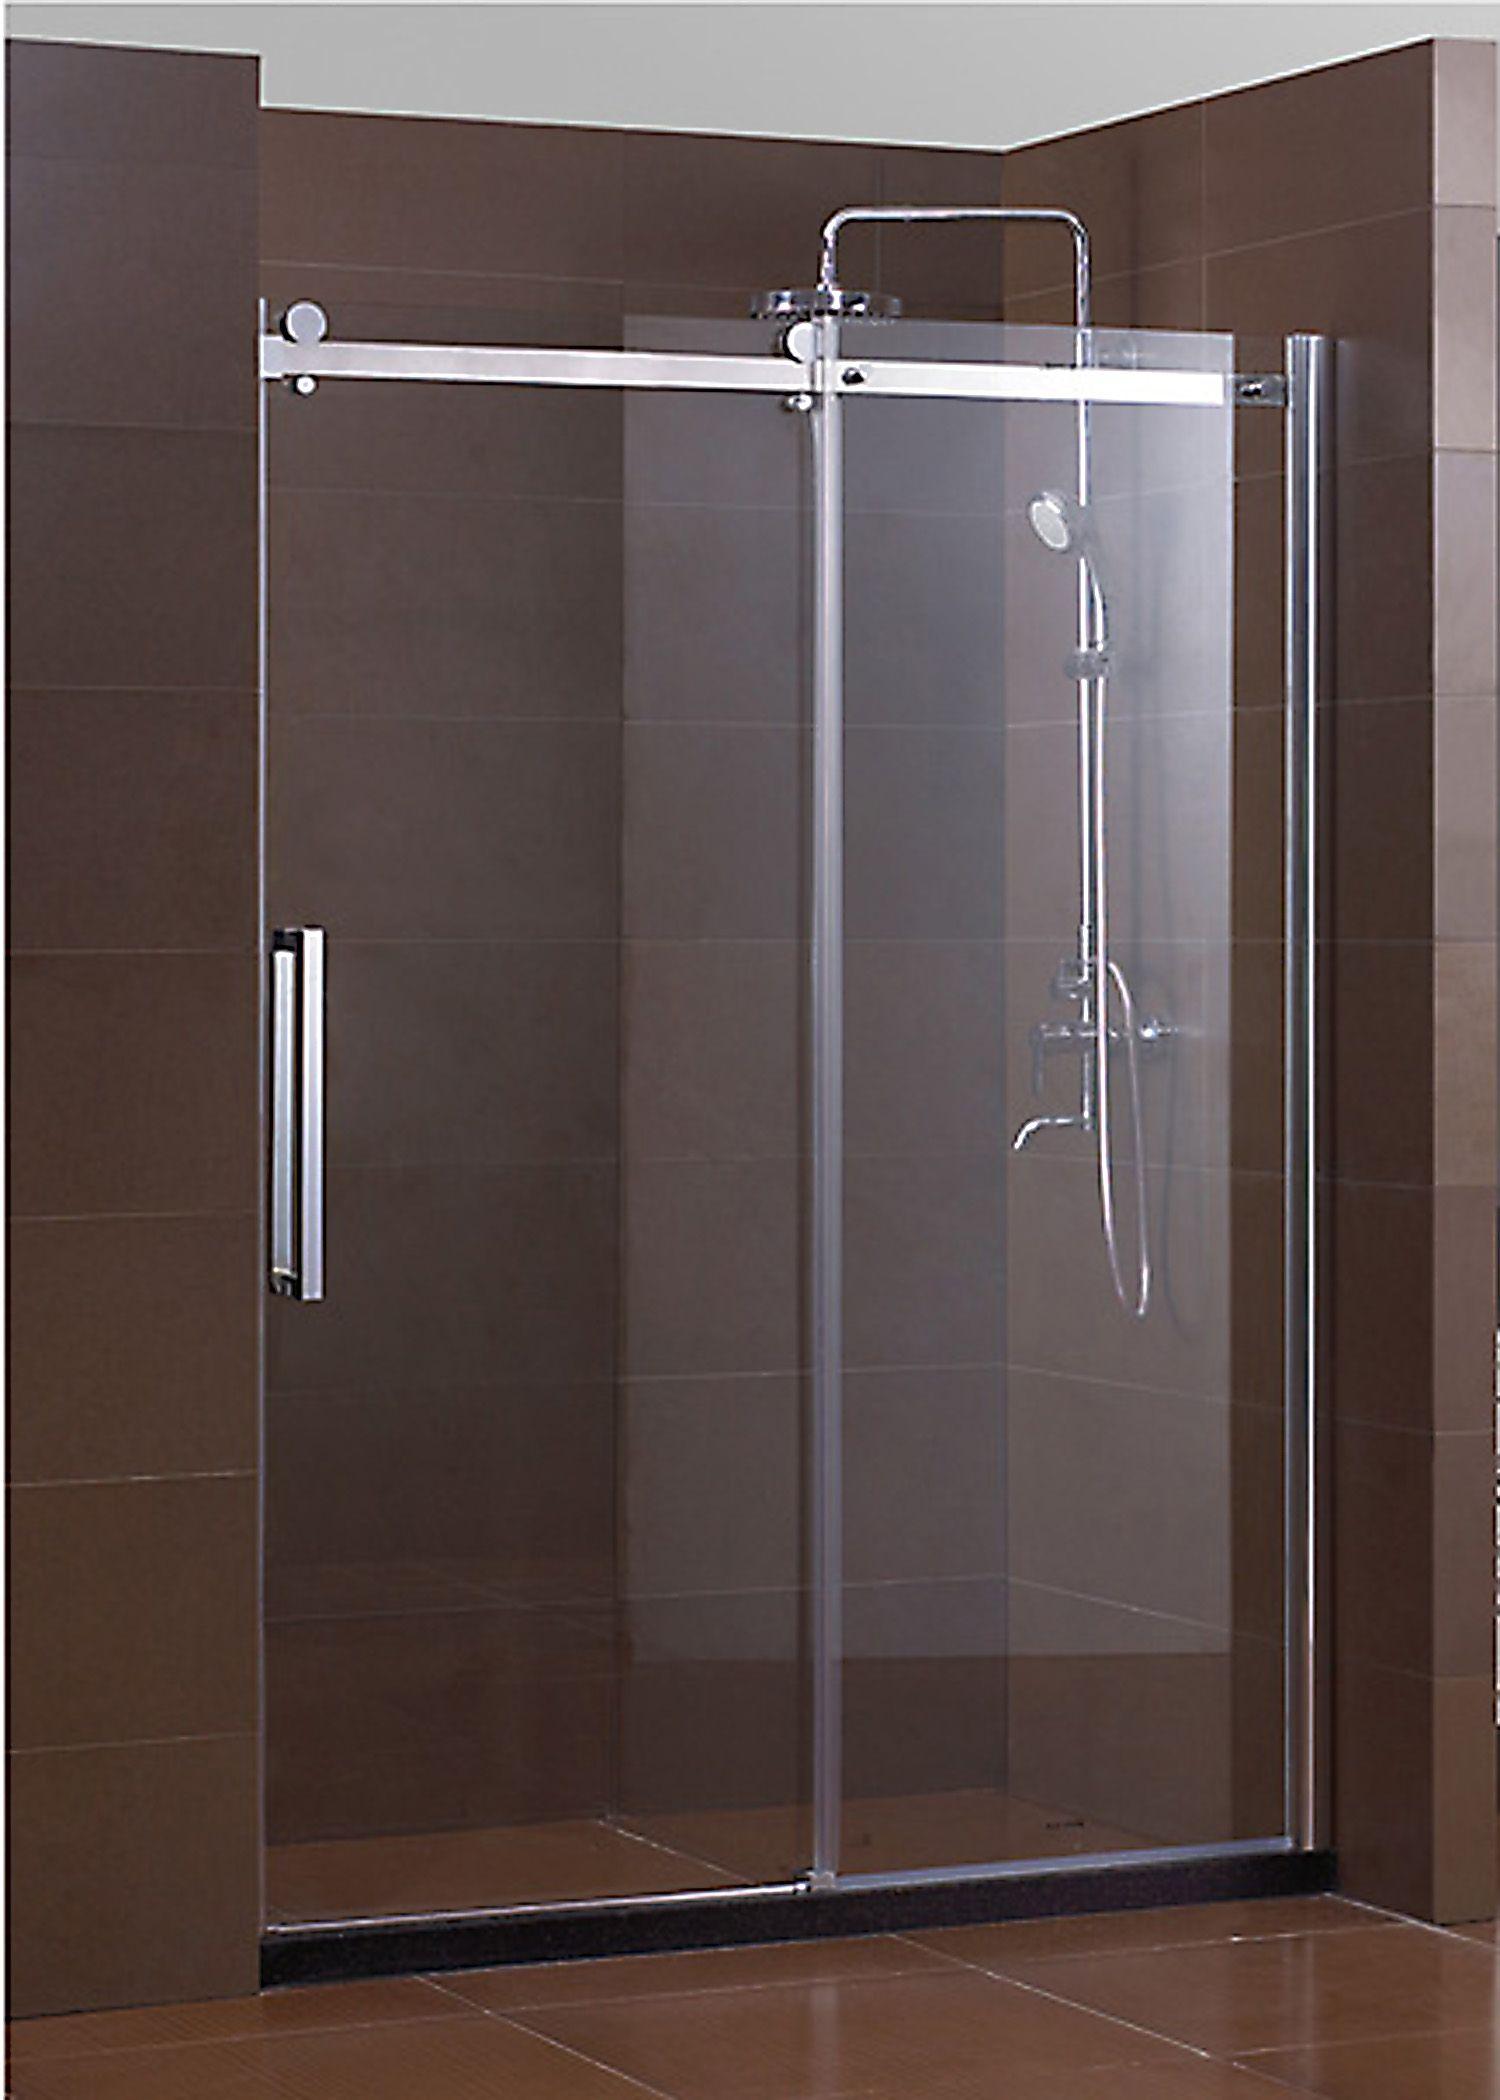 Frameless Shower Door Http Harvesthustle Org Frameless Shower